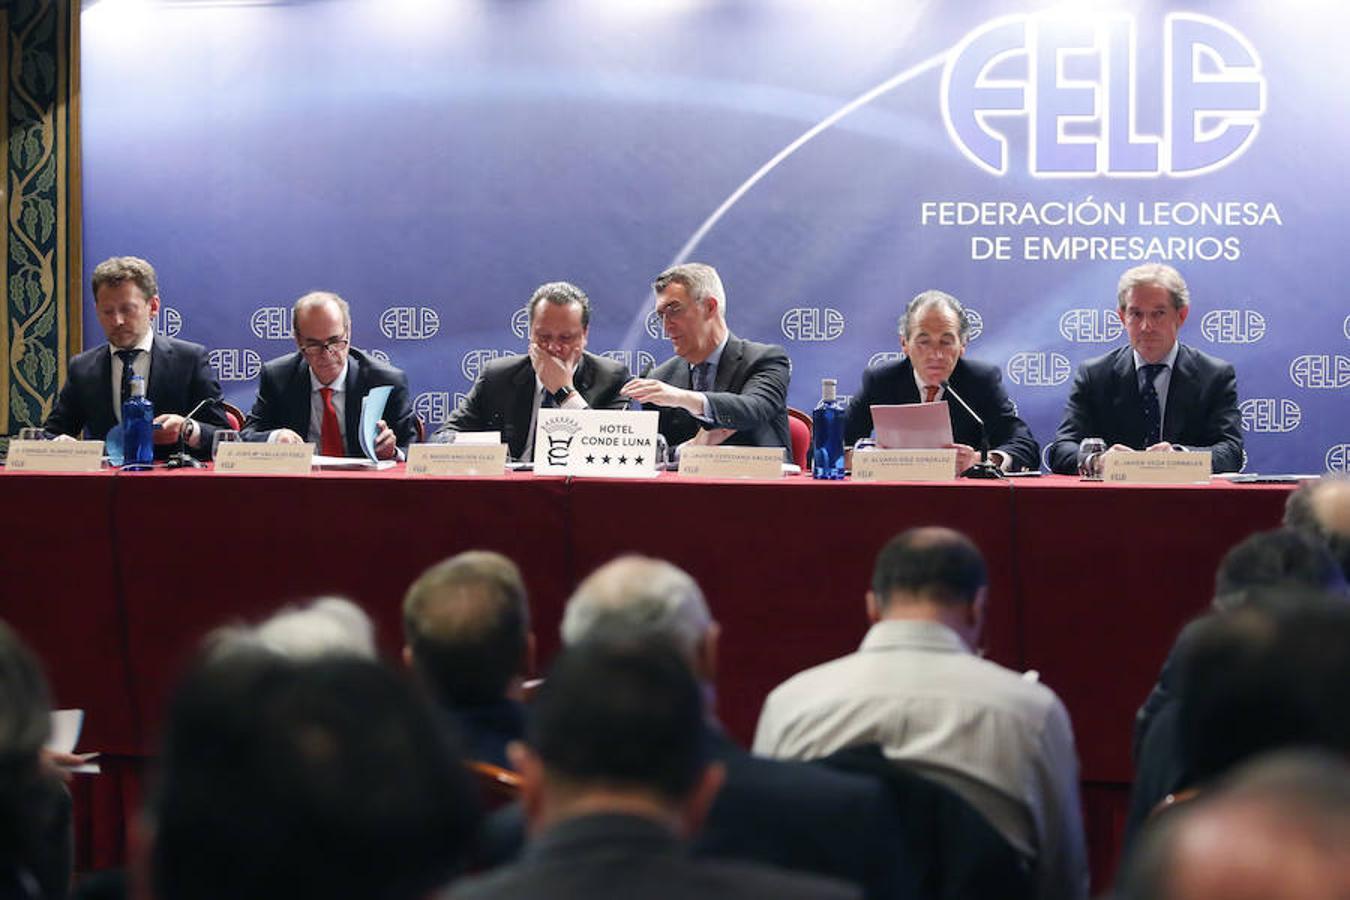 Asamblea general ordinaria de la Federación Leonesa de Empresarios